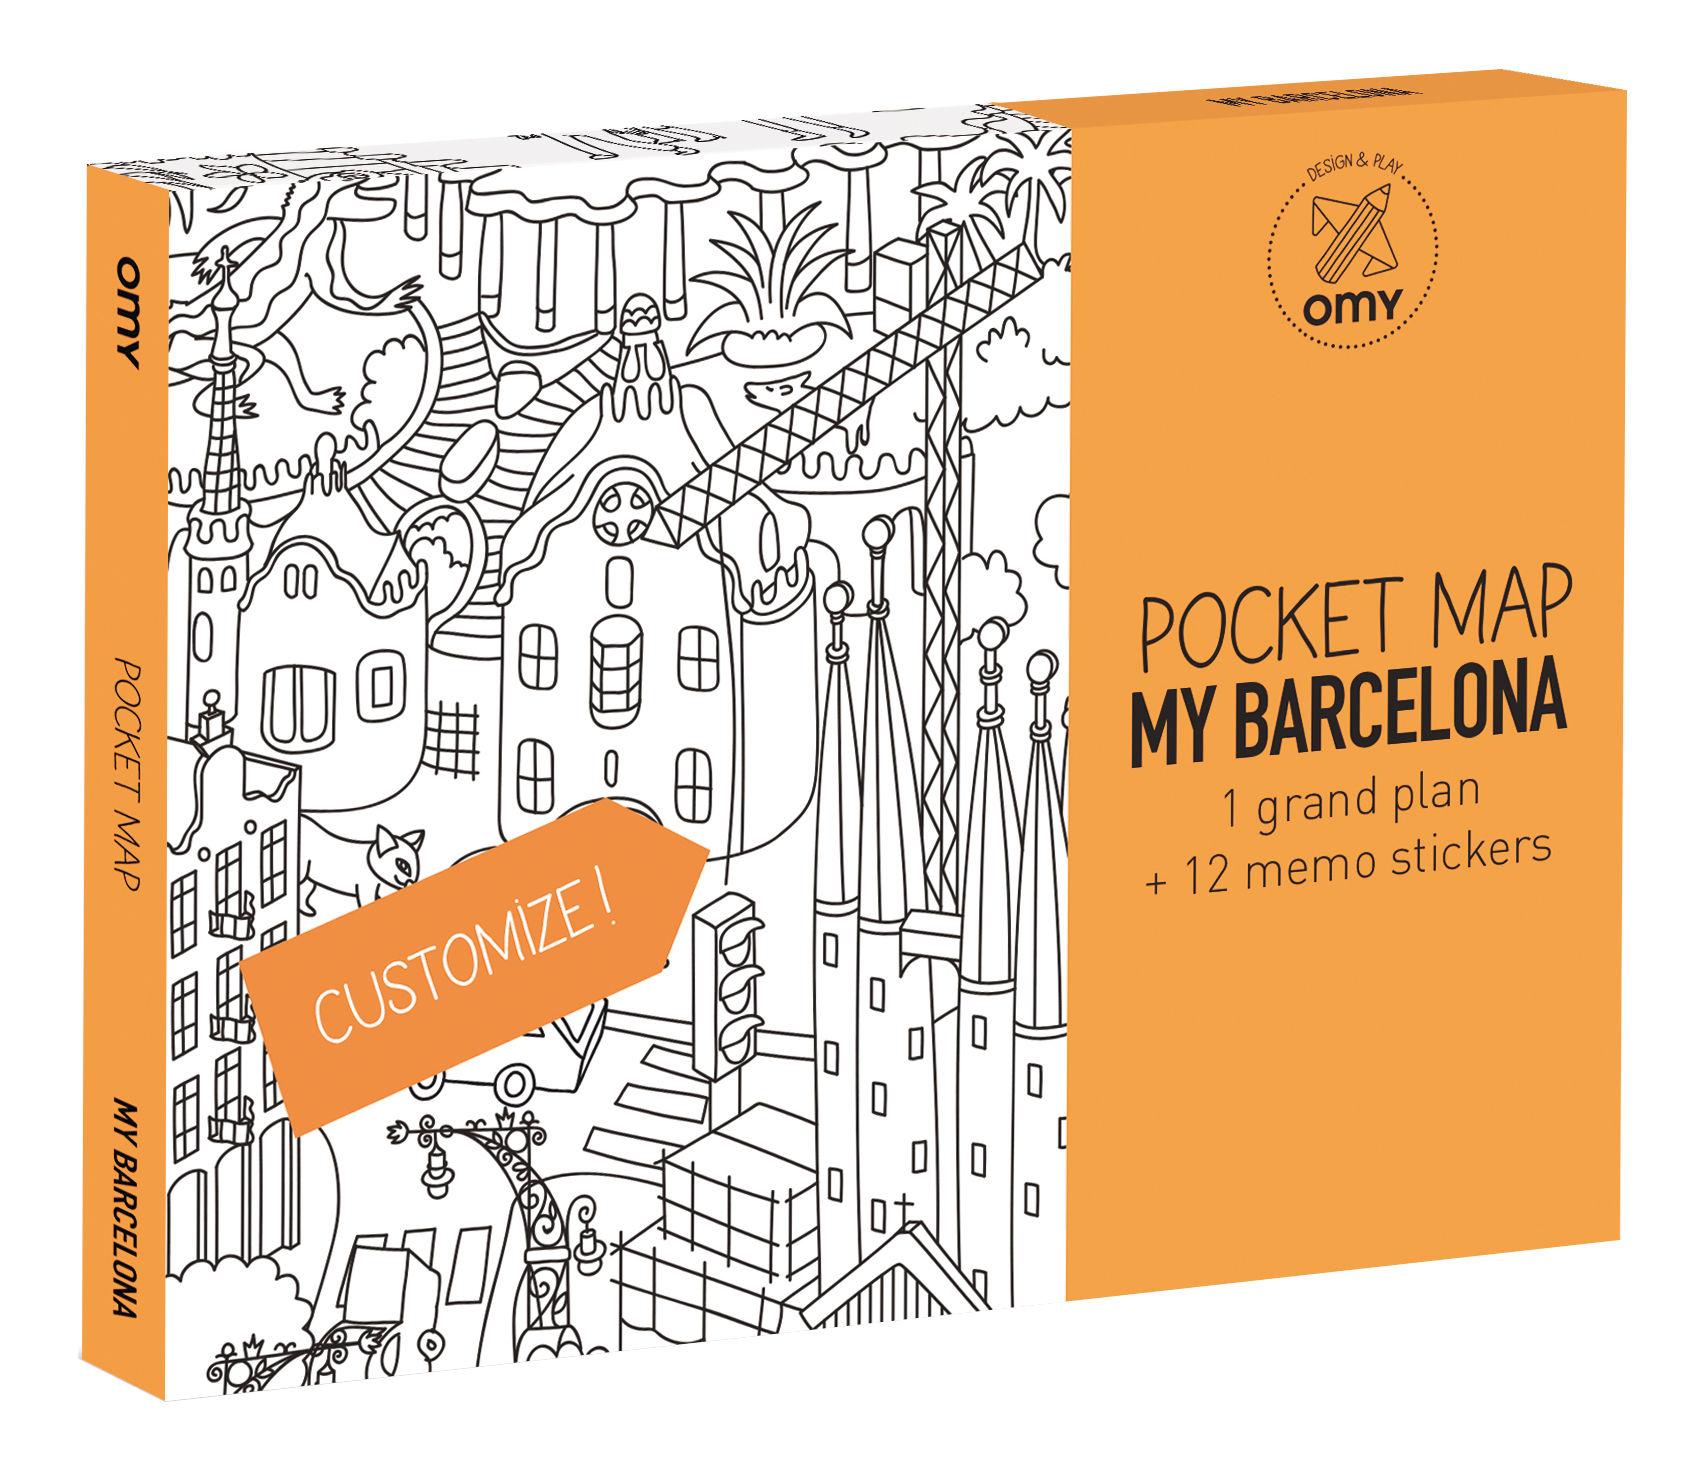 Déco - Pour les enfants - Poster à colorier Pocket Map - Barcelone / 52 x 38 cm - OMY Design & Play - Barcelone - Papier